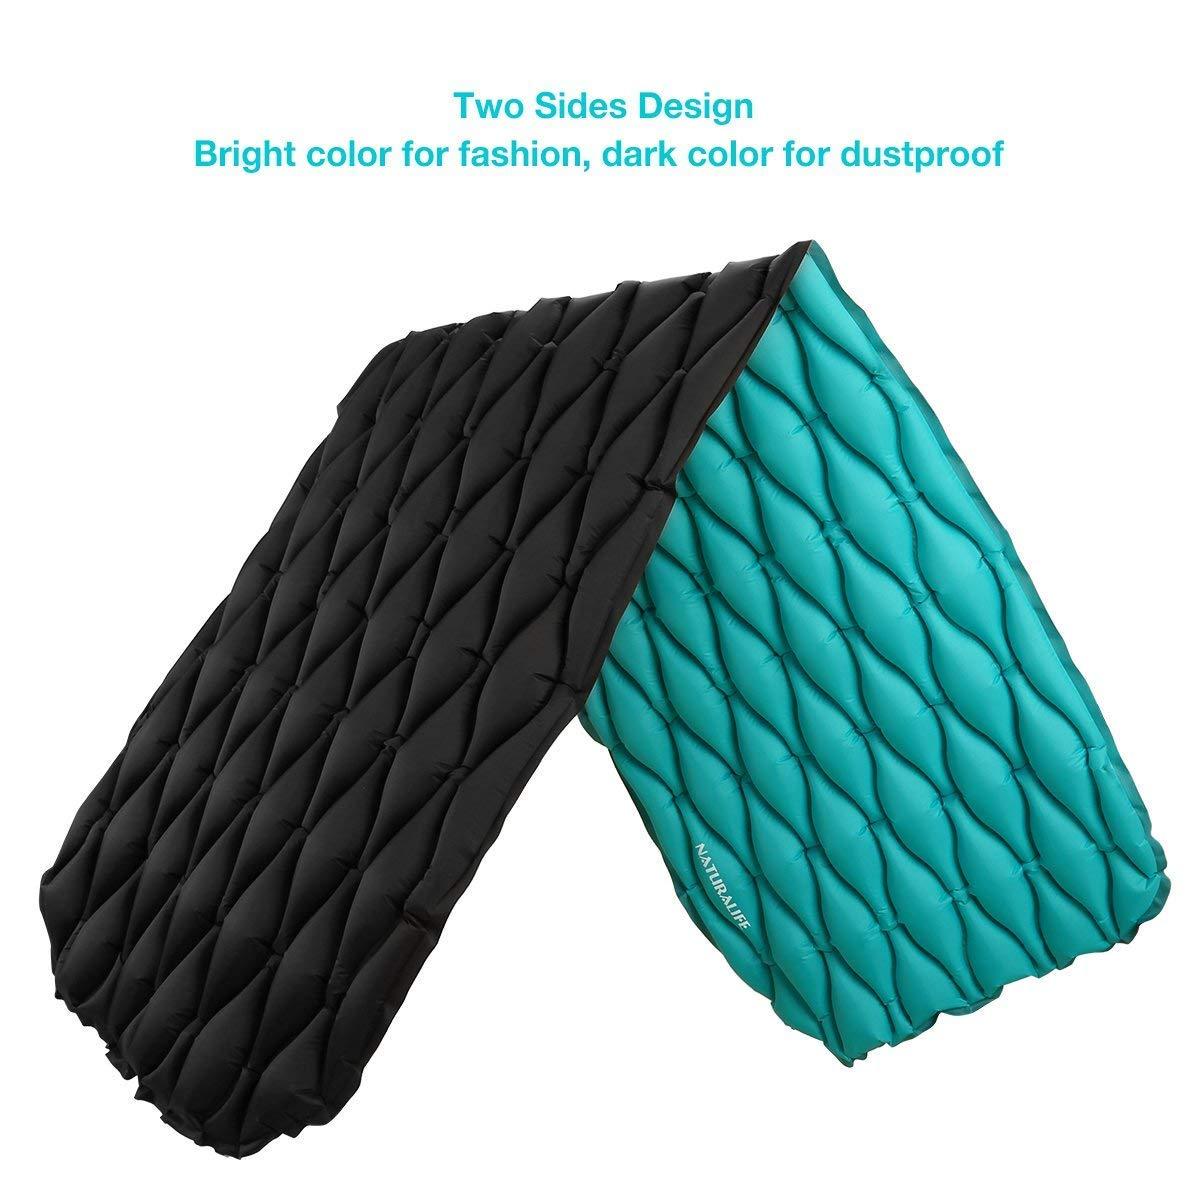 Naturalife Colchón Inflable para Dormir fácil de inflar para Camping, mochileros, Excursionismo, Azul-Verde en la Parte Superior y Negra en la Inferior: ...